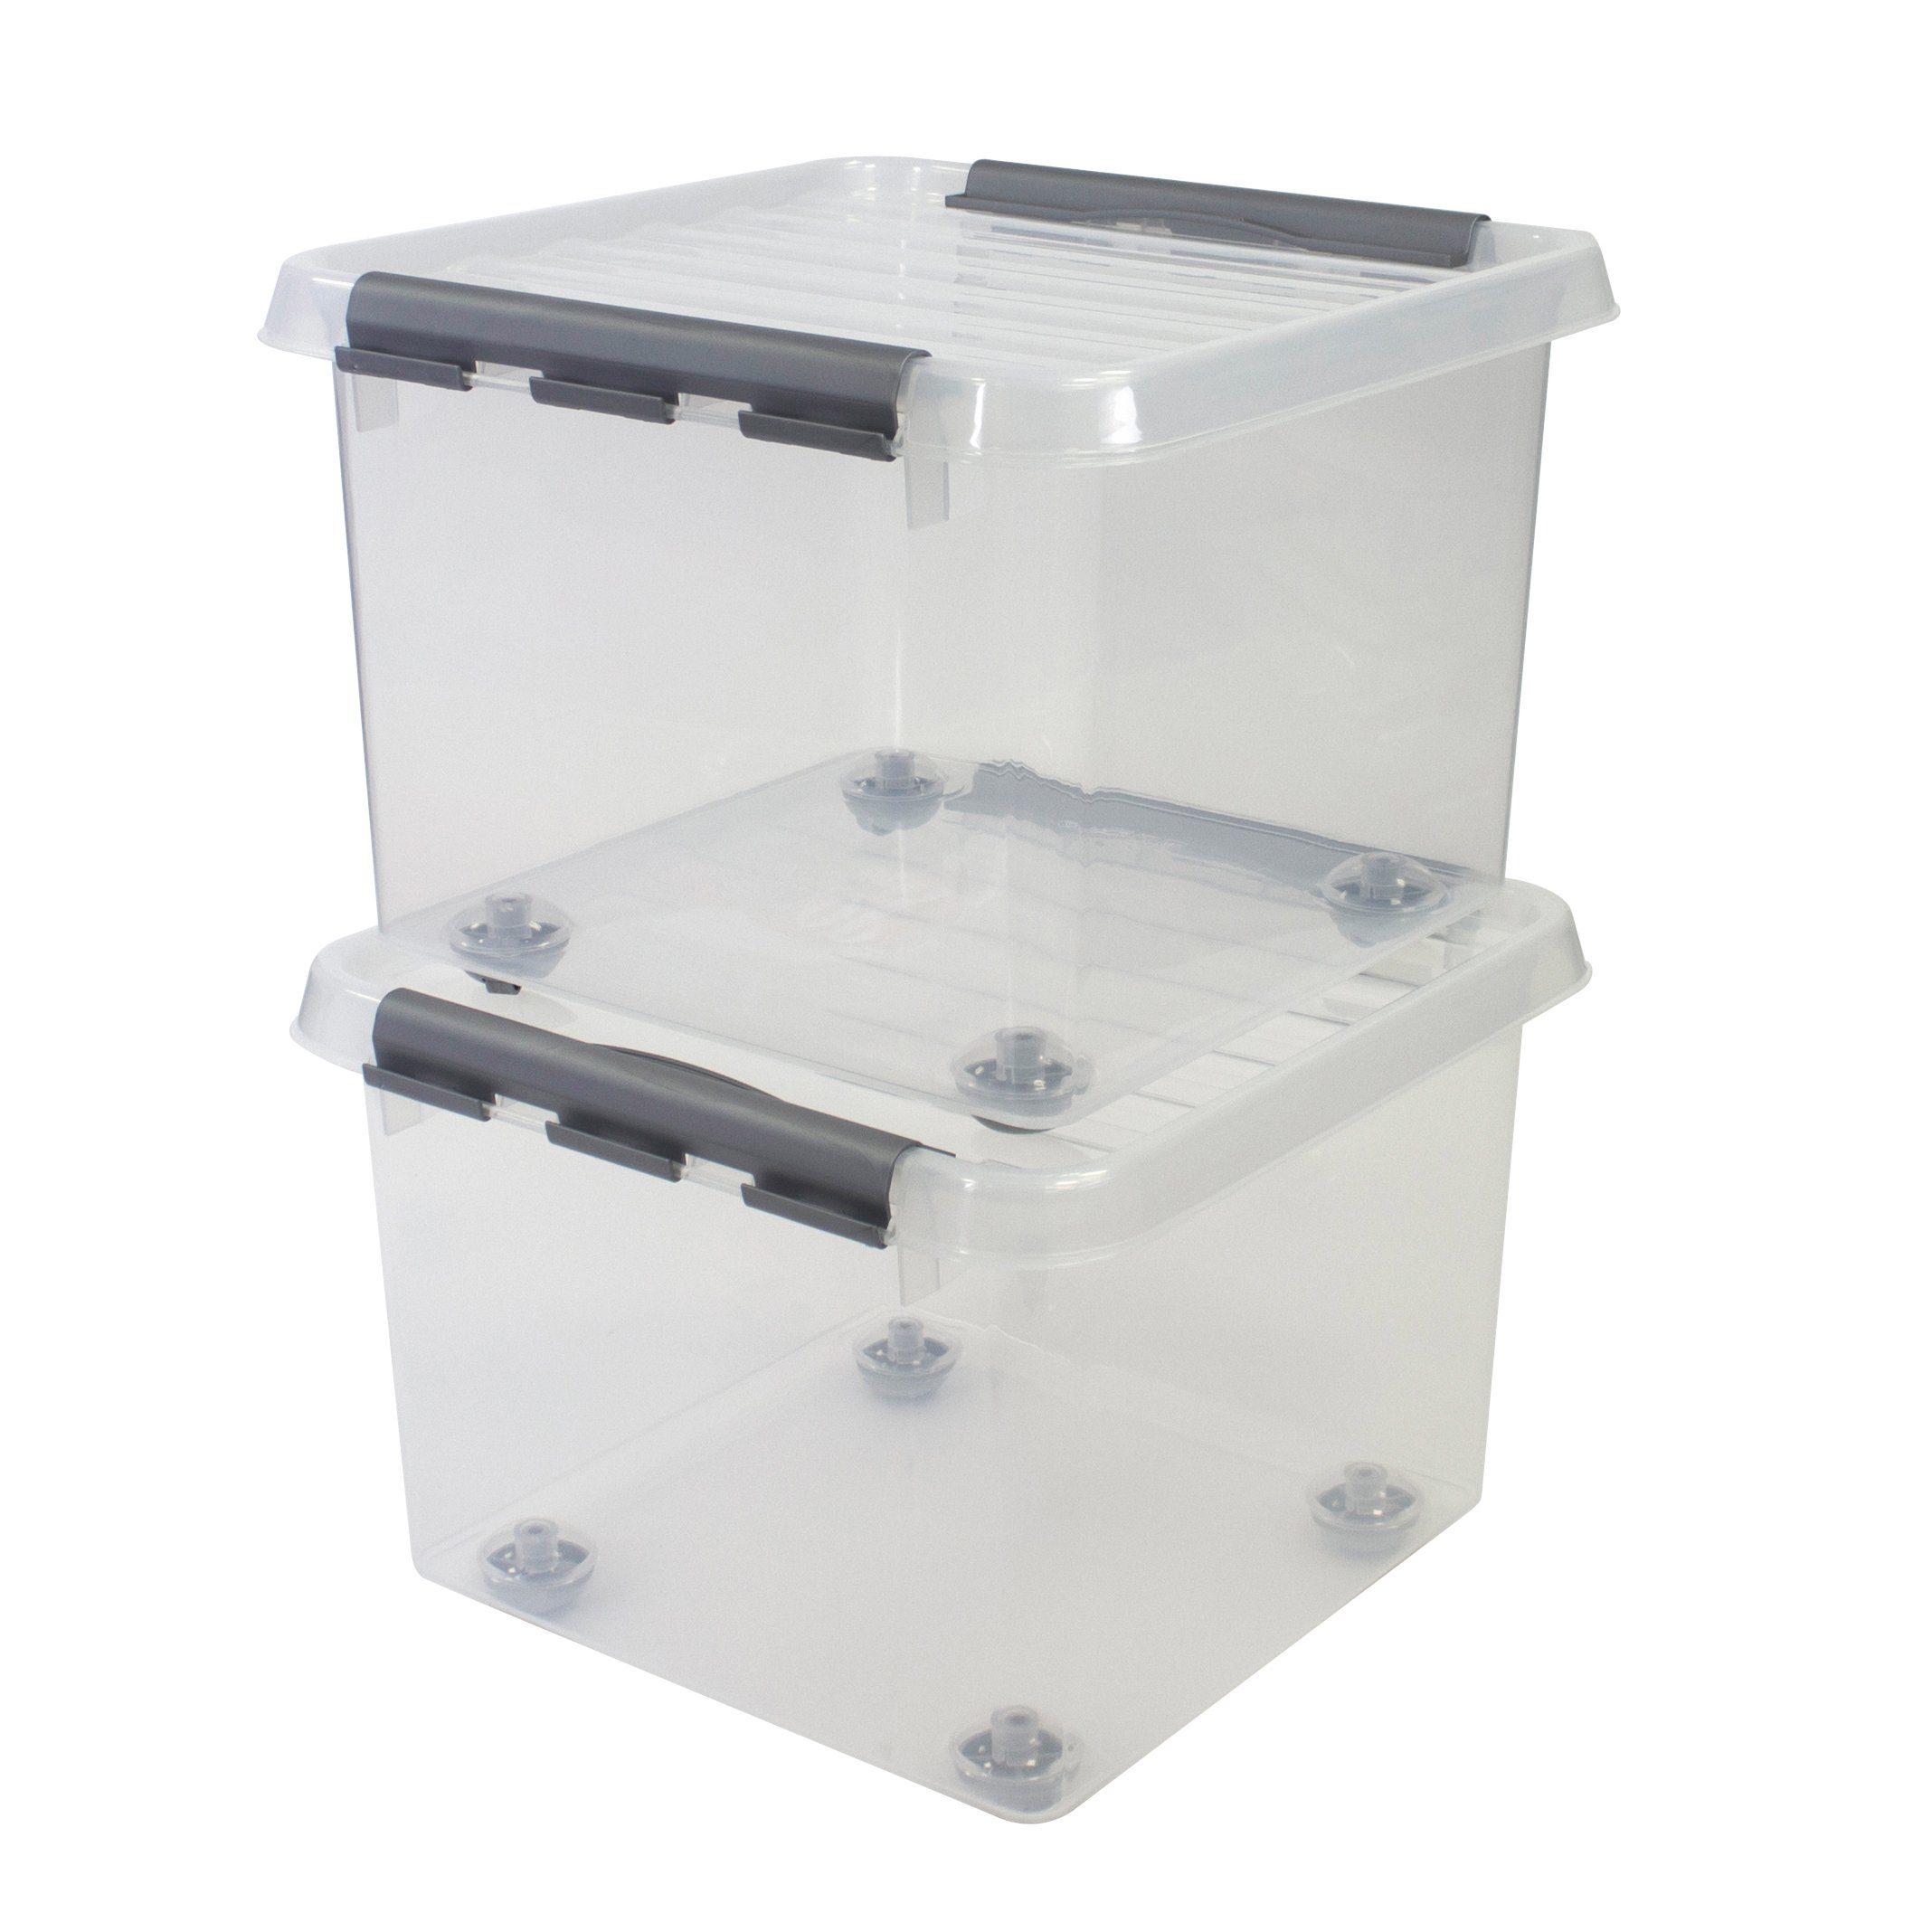 2er Set Aufbewahrungsboxen »26 Liter«, mit Rollen